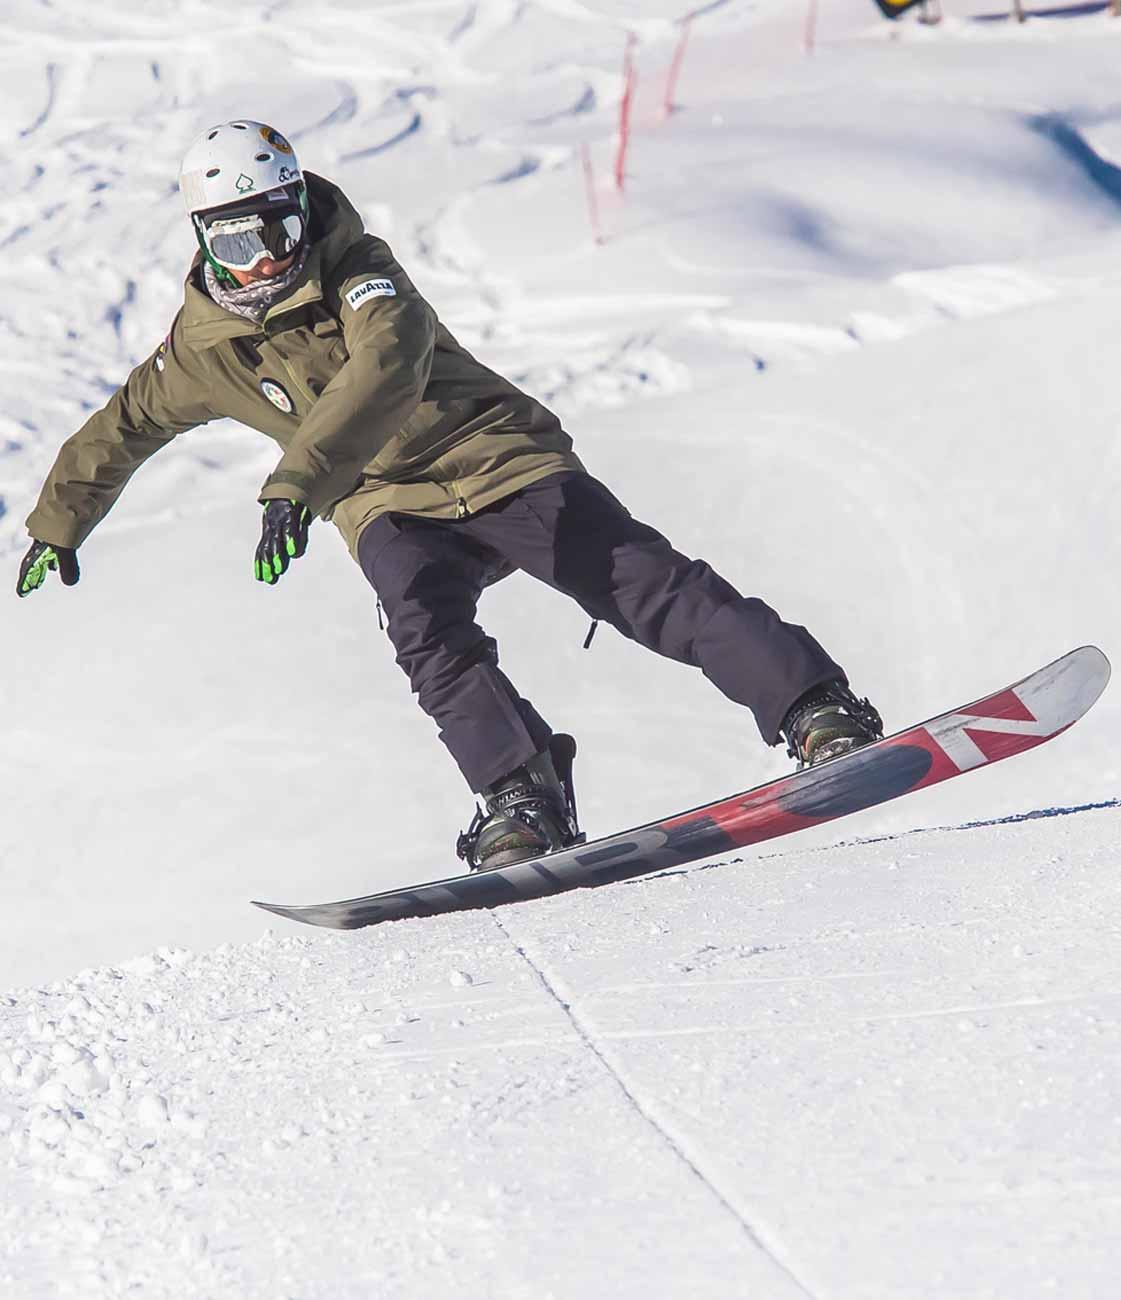 scuola-sci-livigno-italy-snowboard.jpg